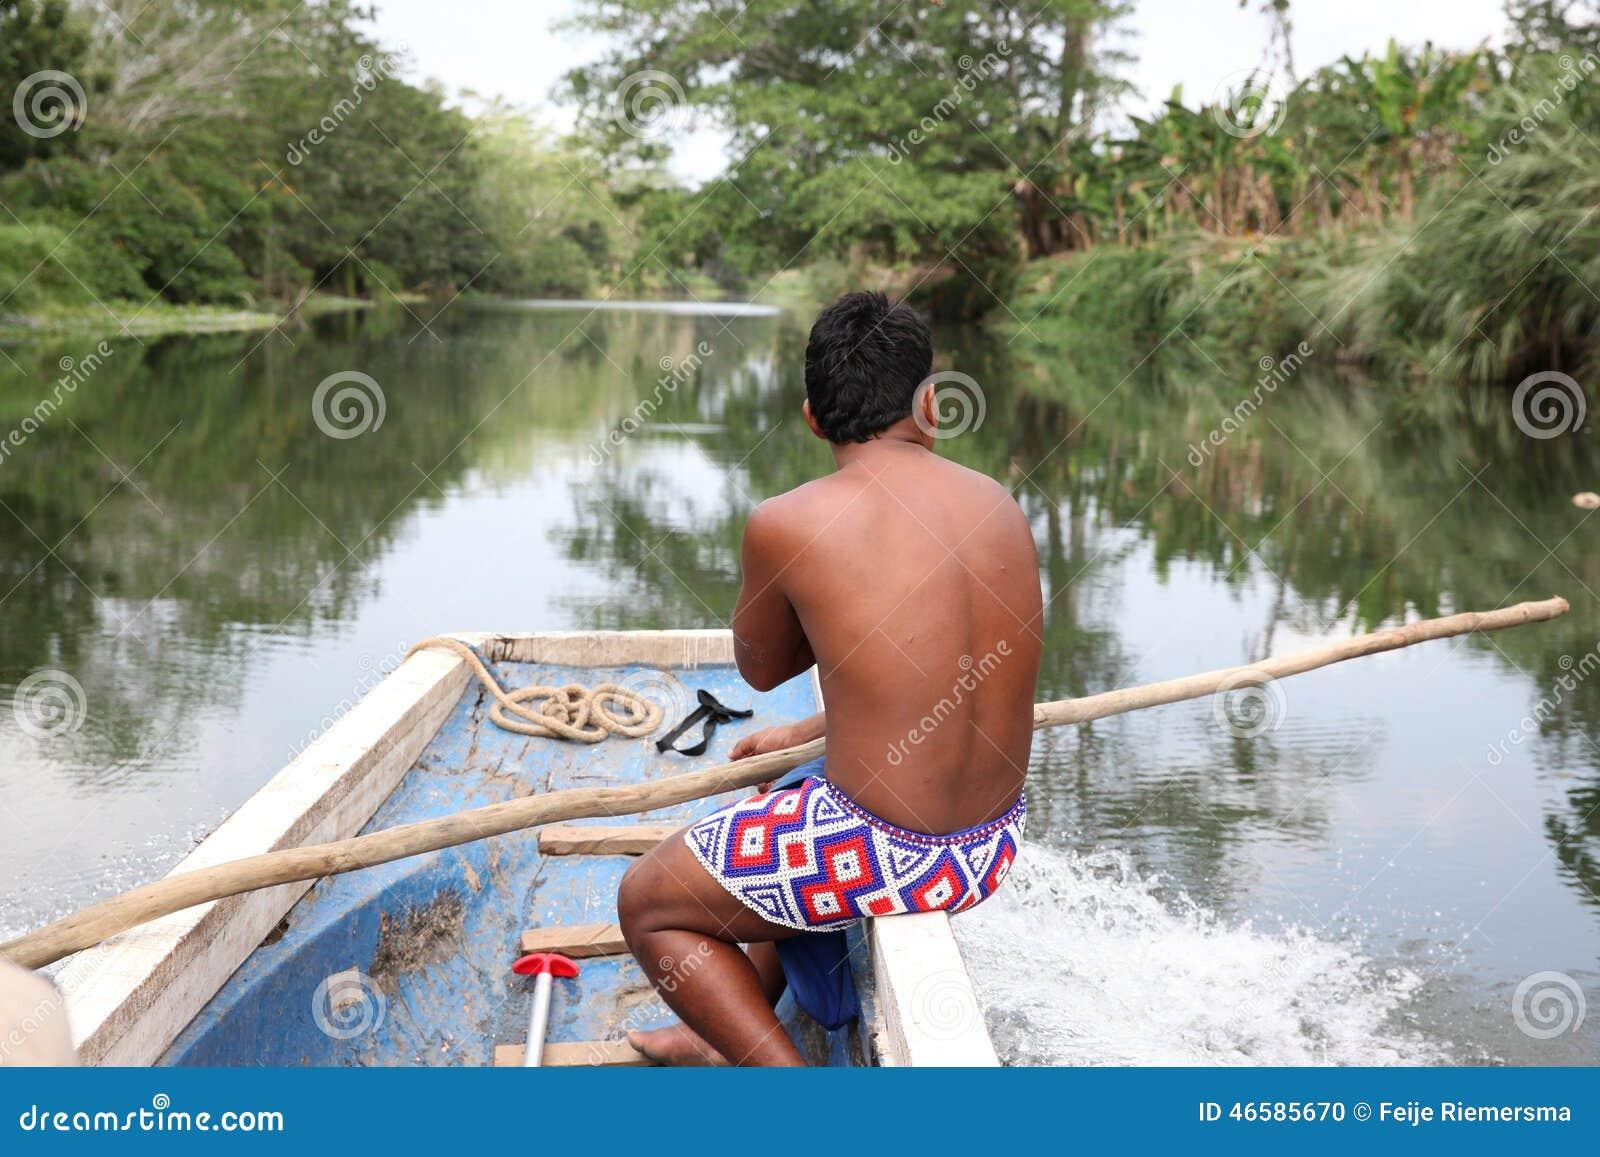 Inheemse Amerikaanse (Indische) mens op een boot op een rivier Indische mens